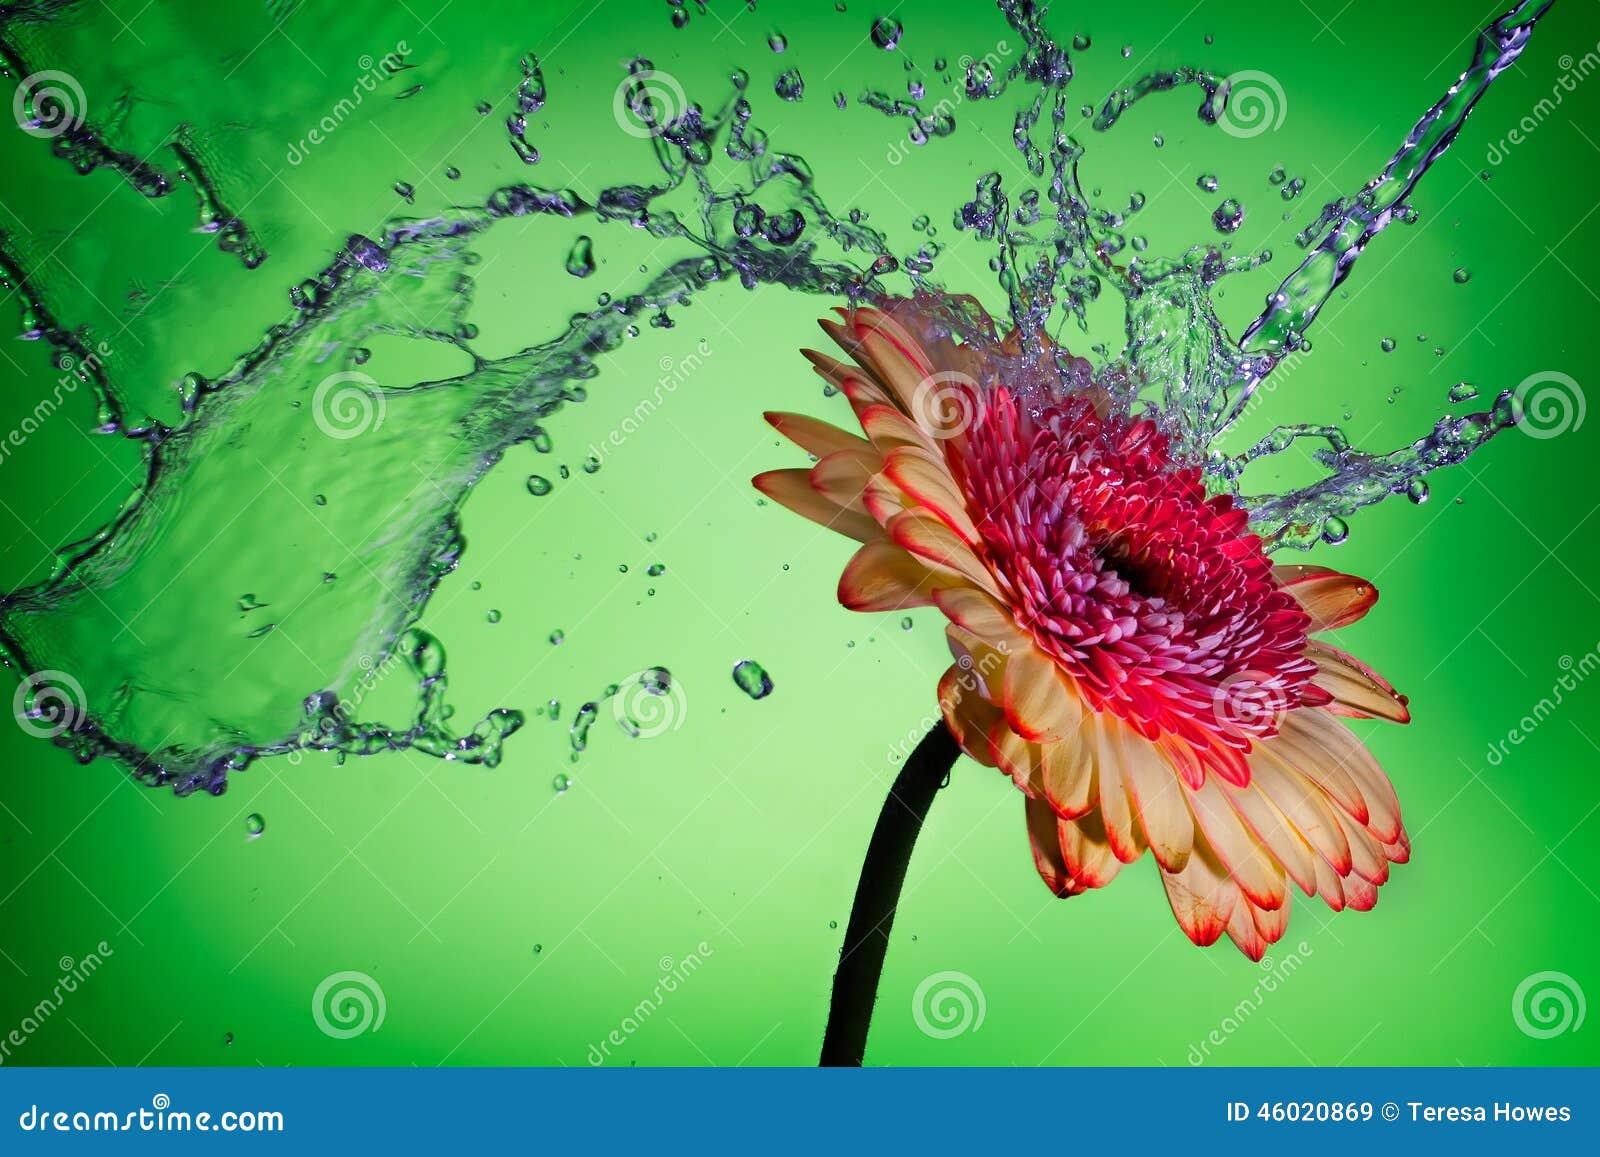 Spritzen auf einem Gänseblümchen